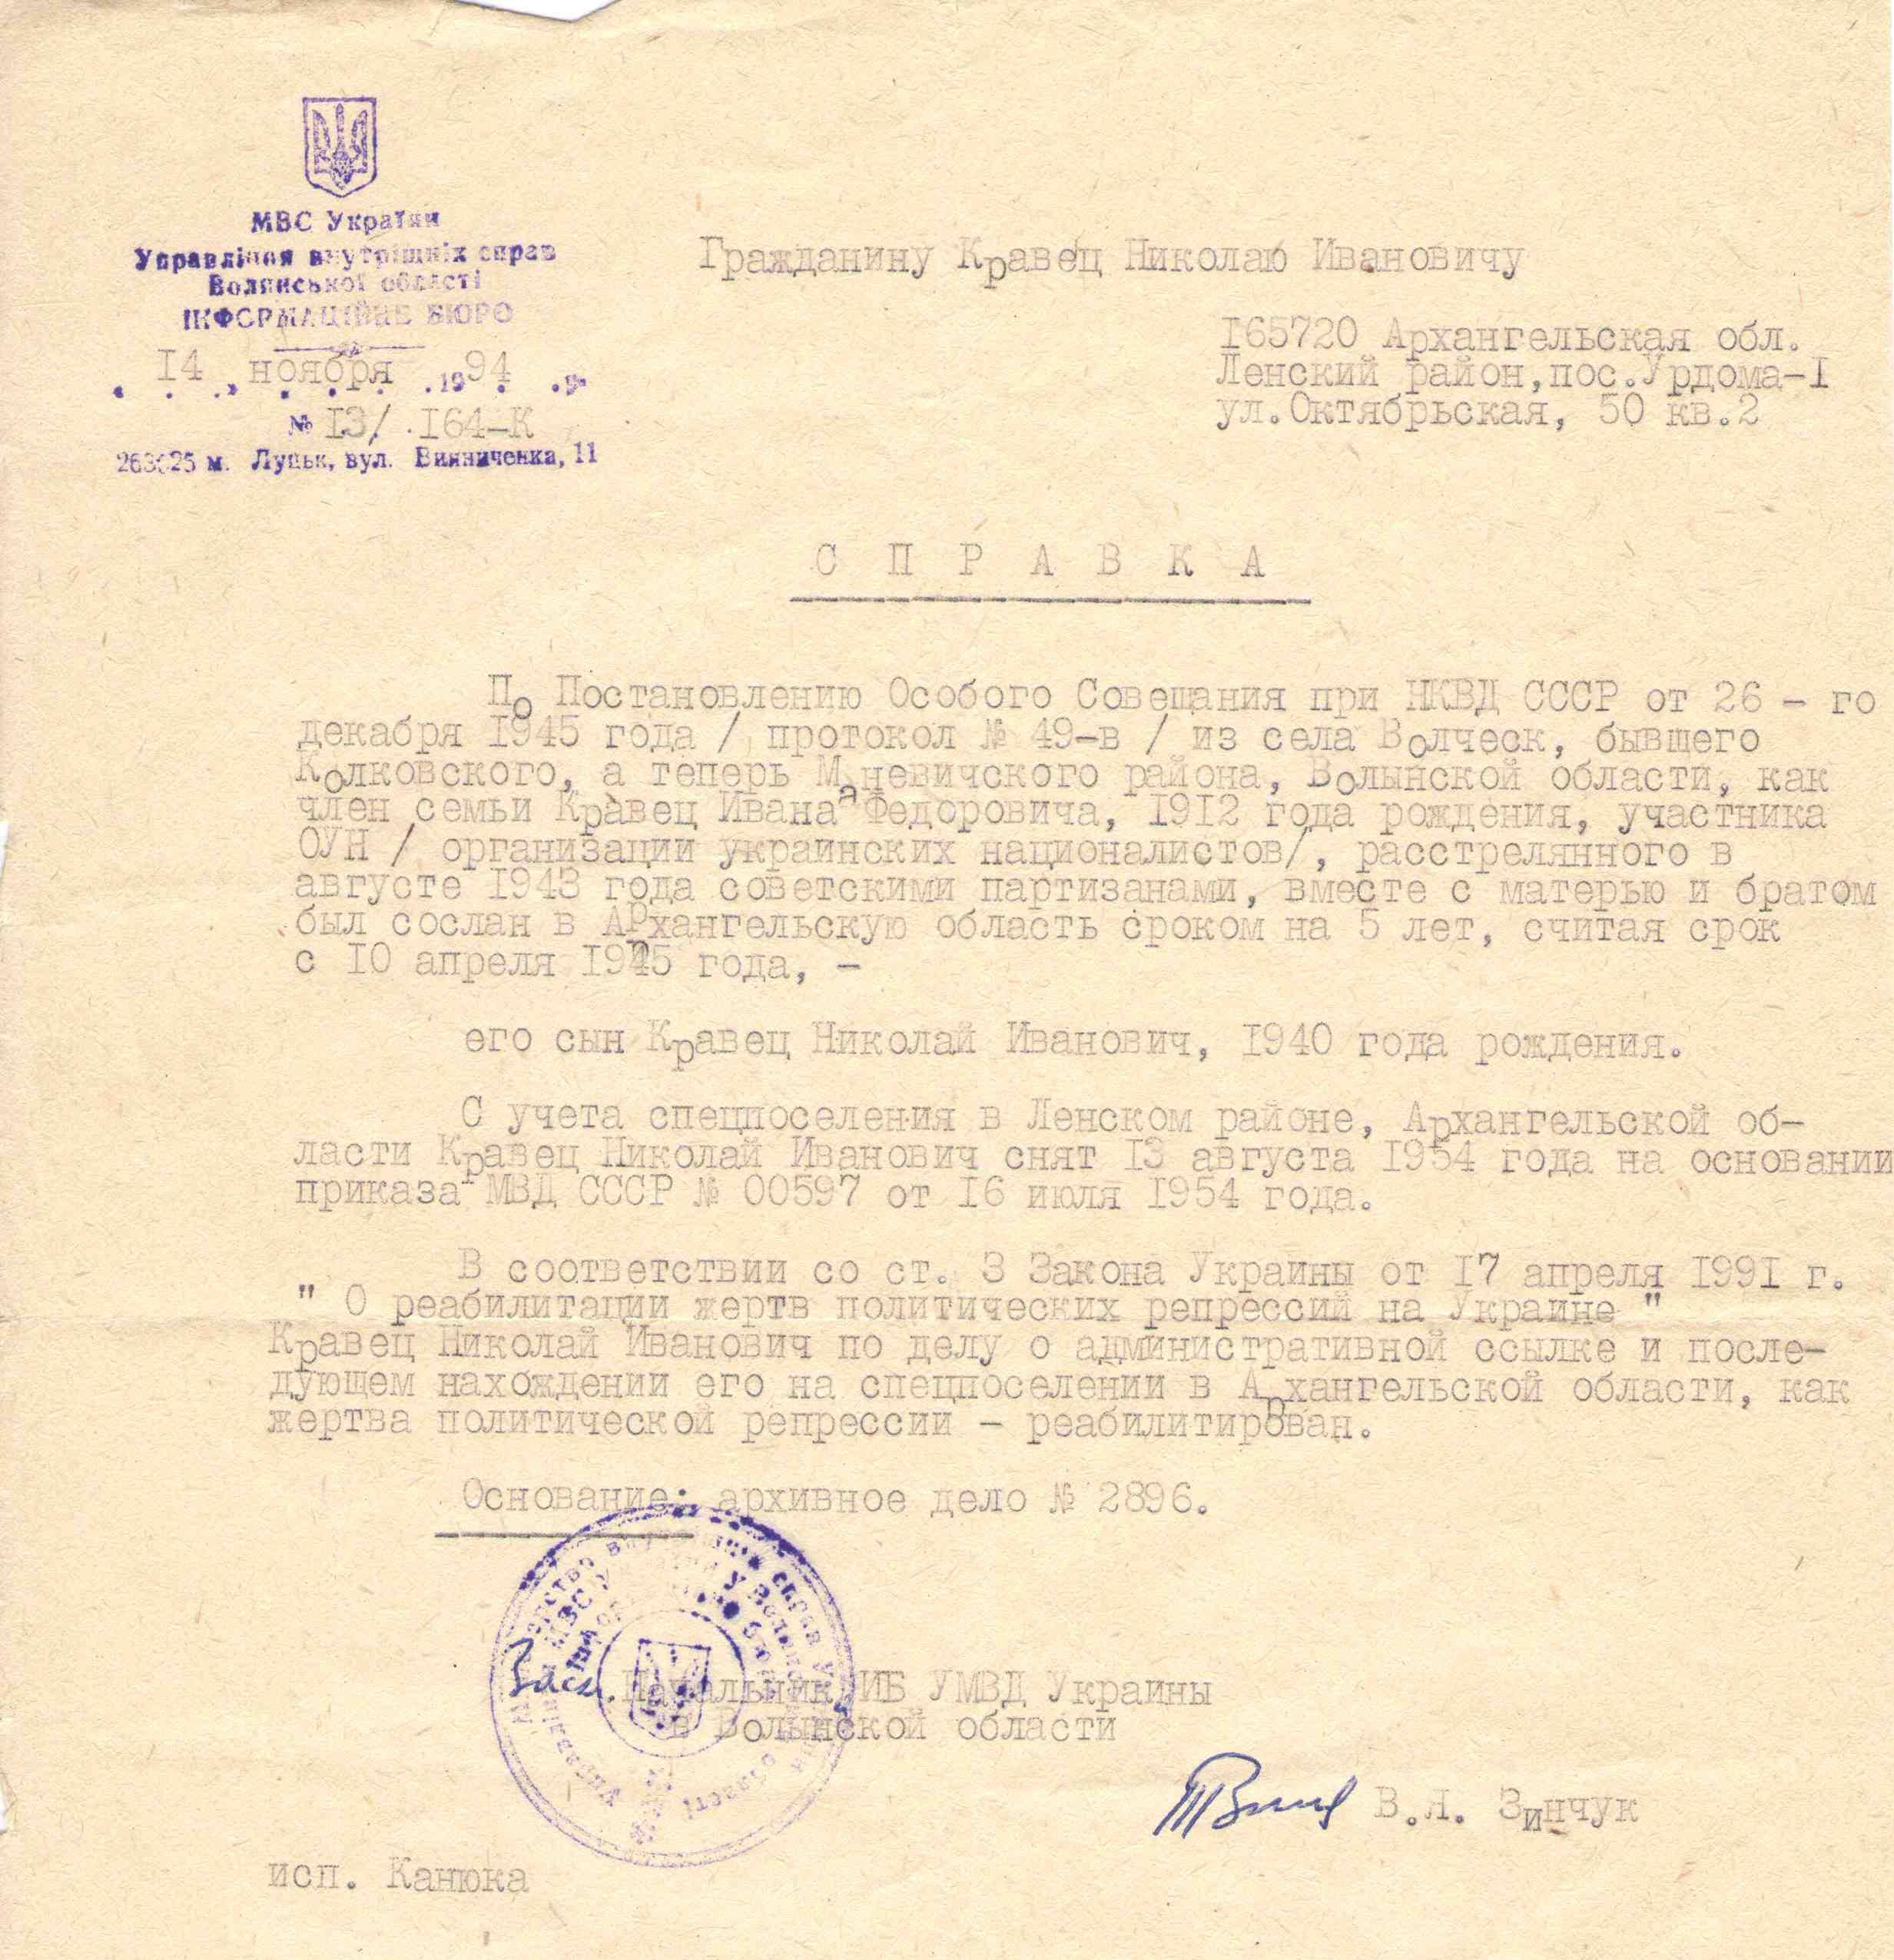 1994.11.14. Справка из УВД Волынской области. Кравец Н.И.